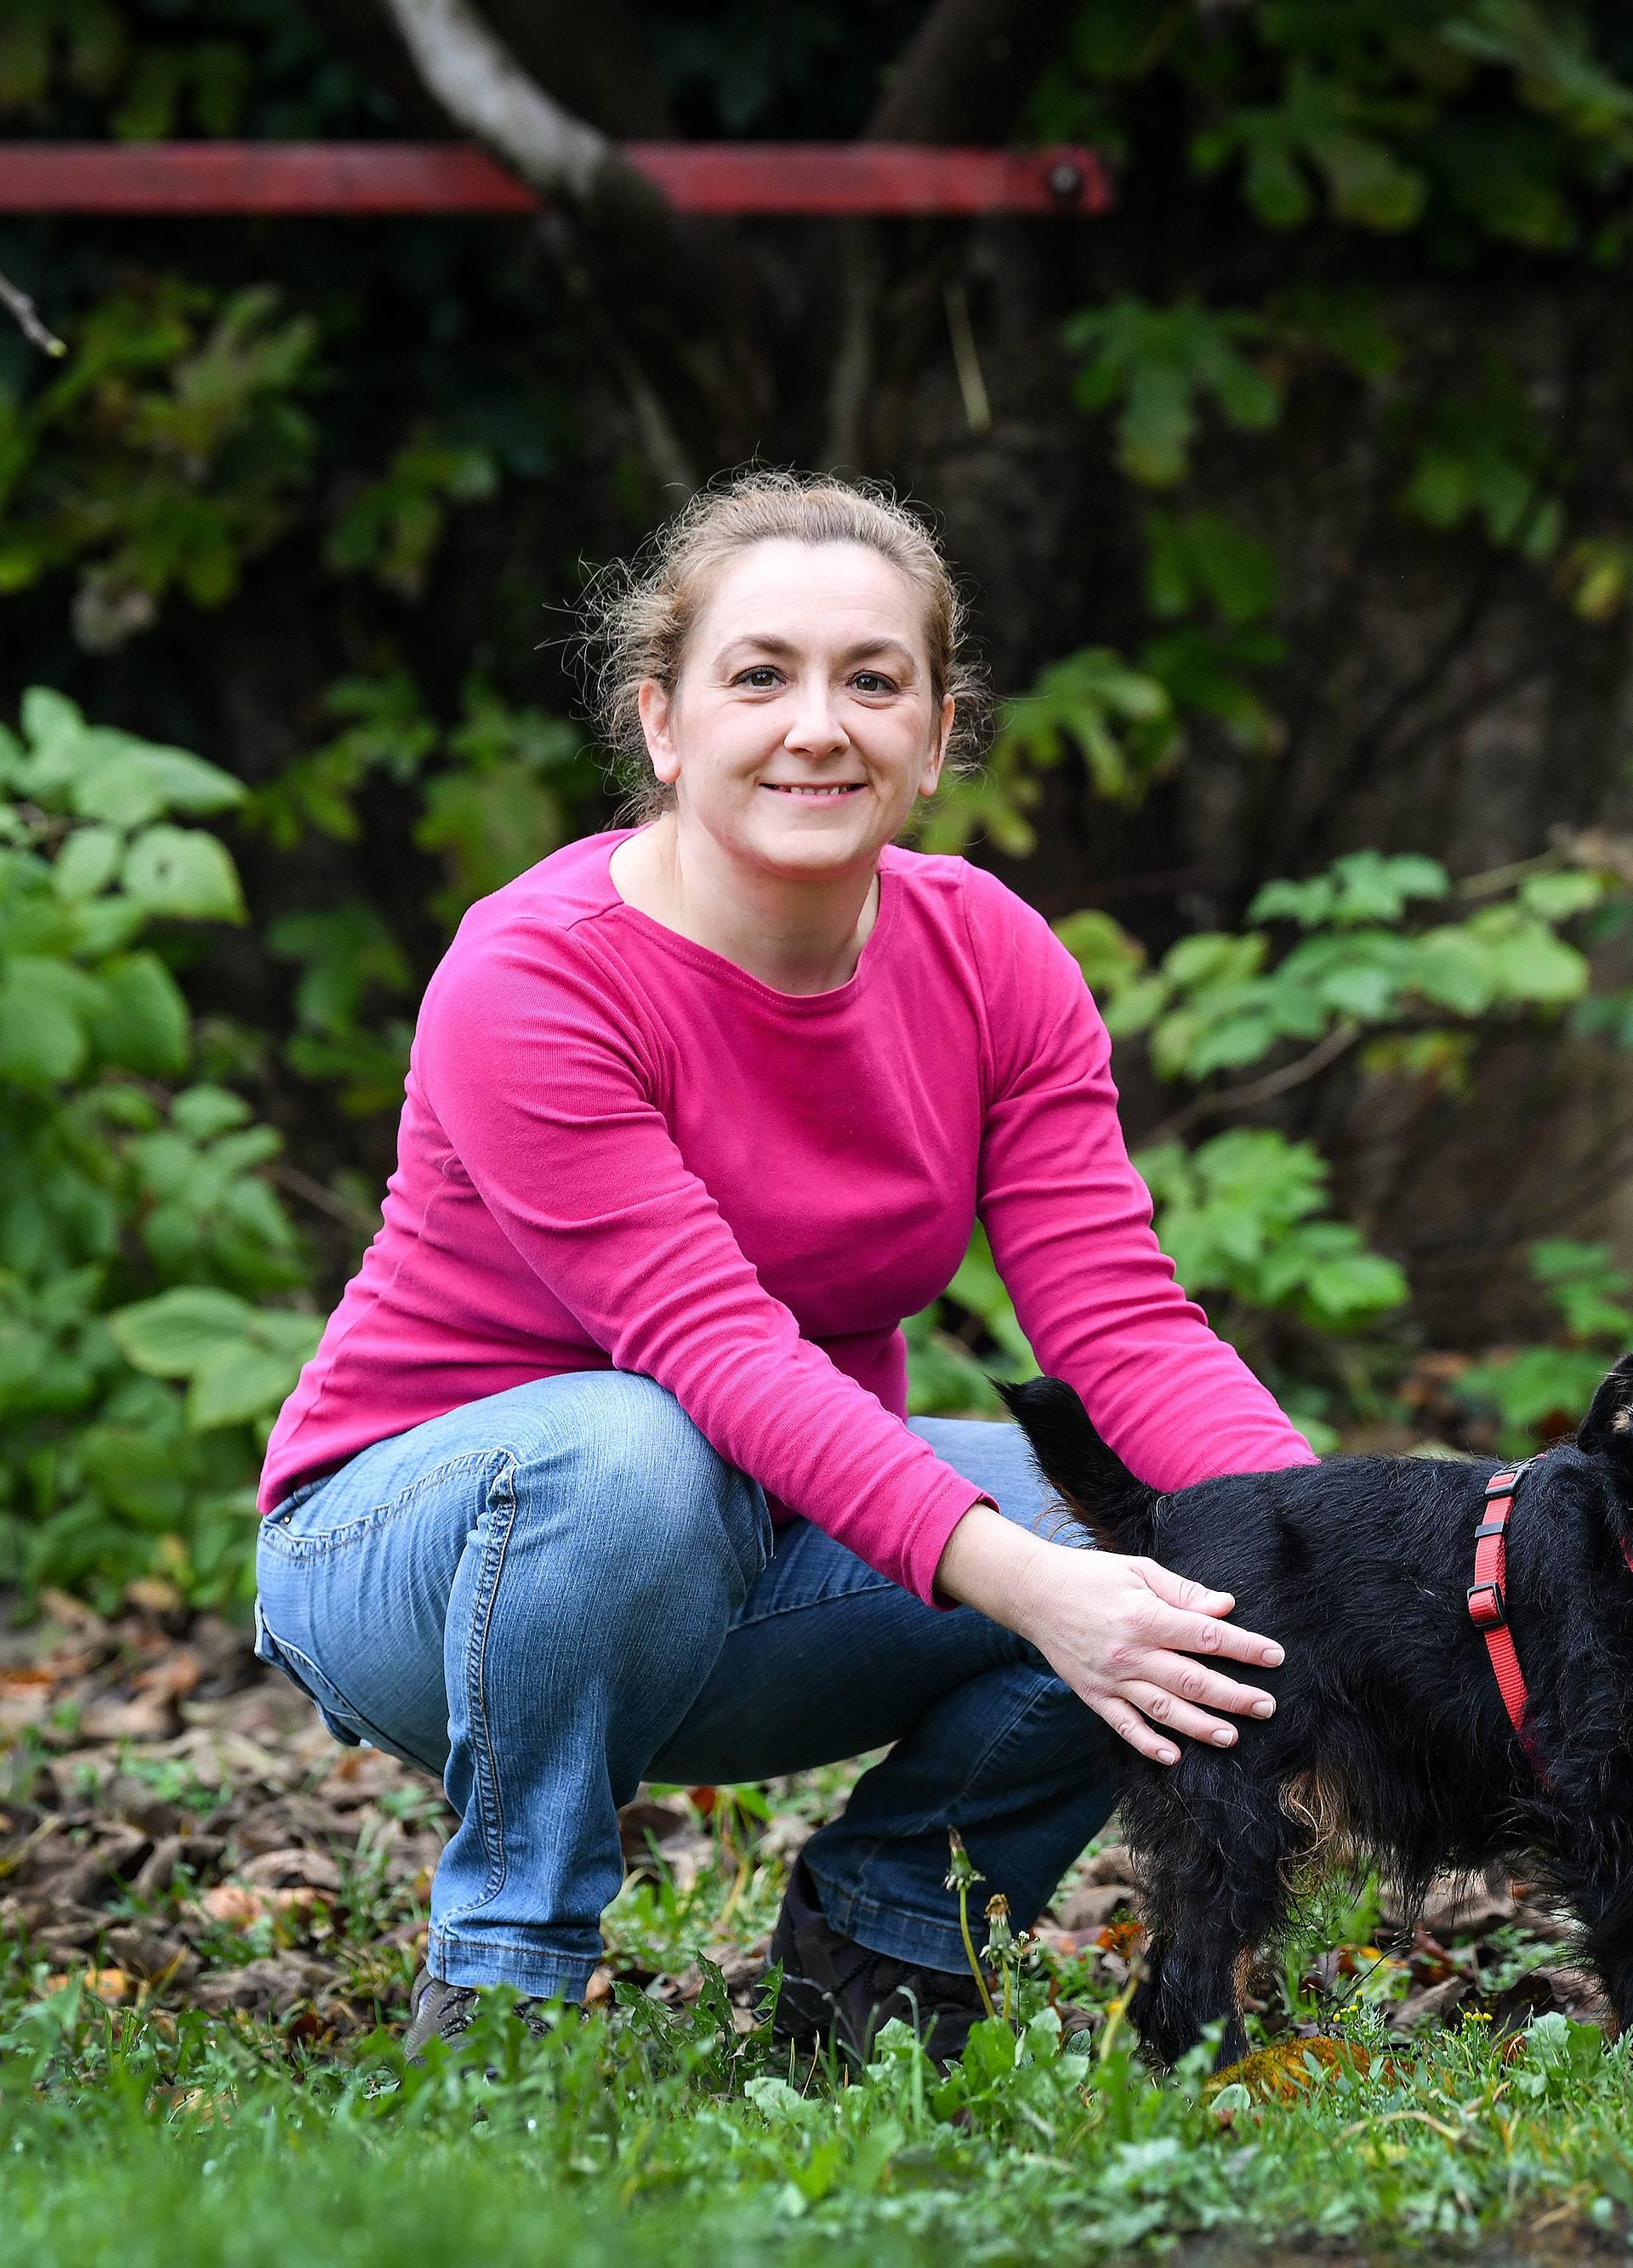 Stručnjaci: Najveće greške u odgoju psa su izolacija i udarci